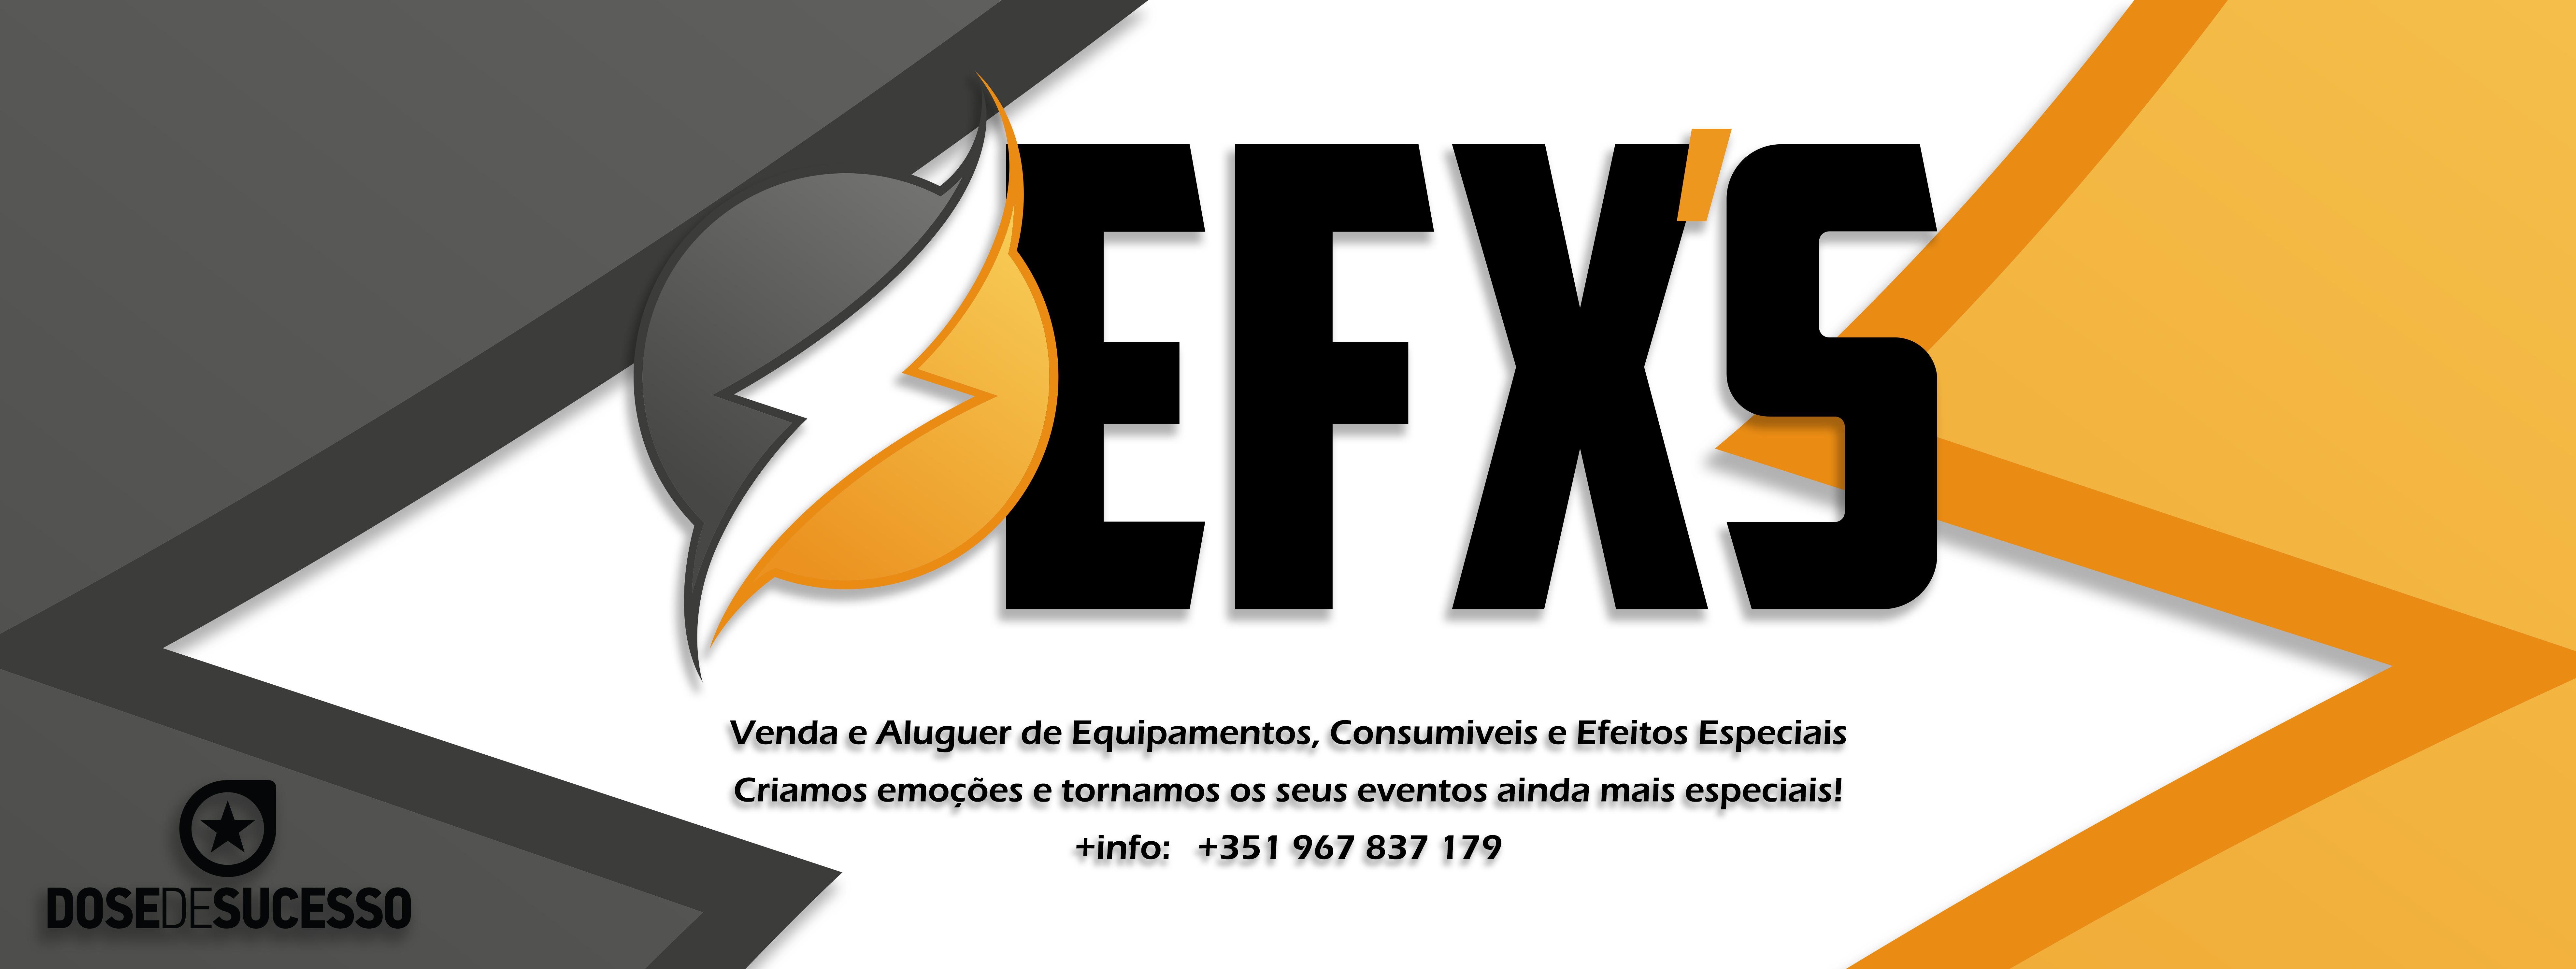 banner_efxs